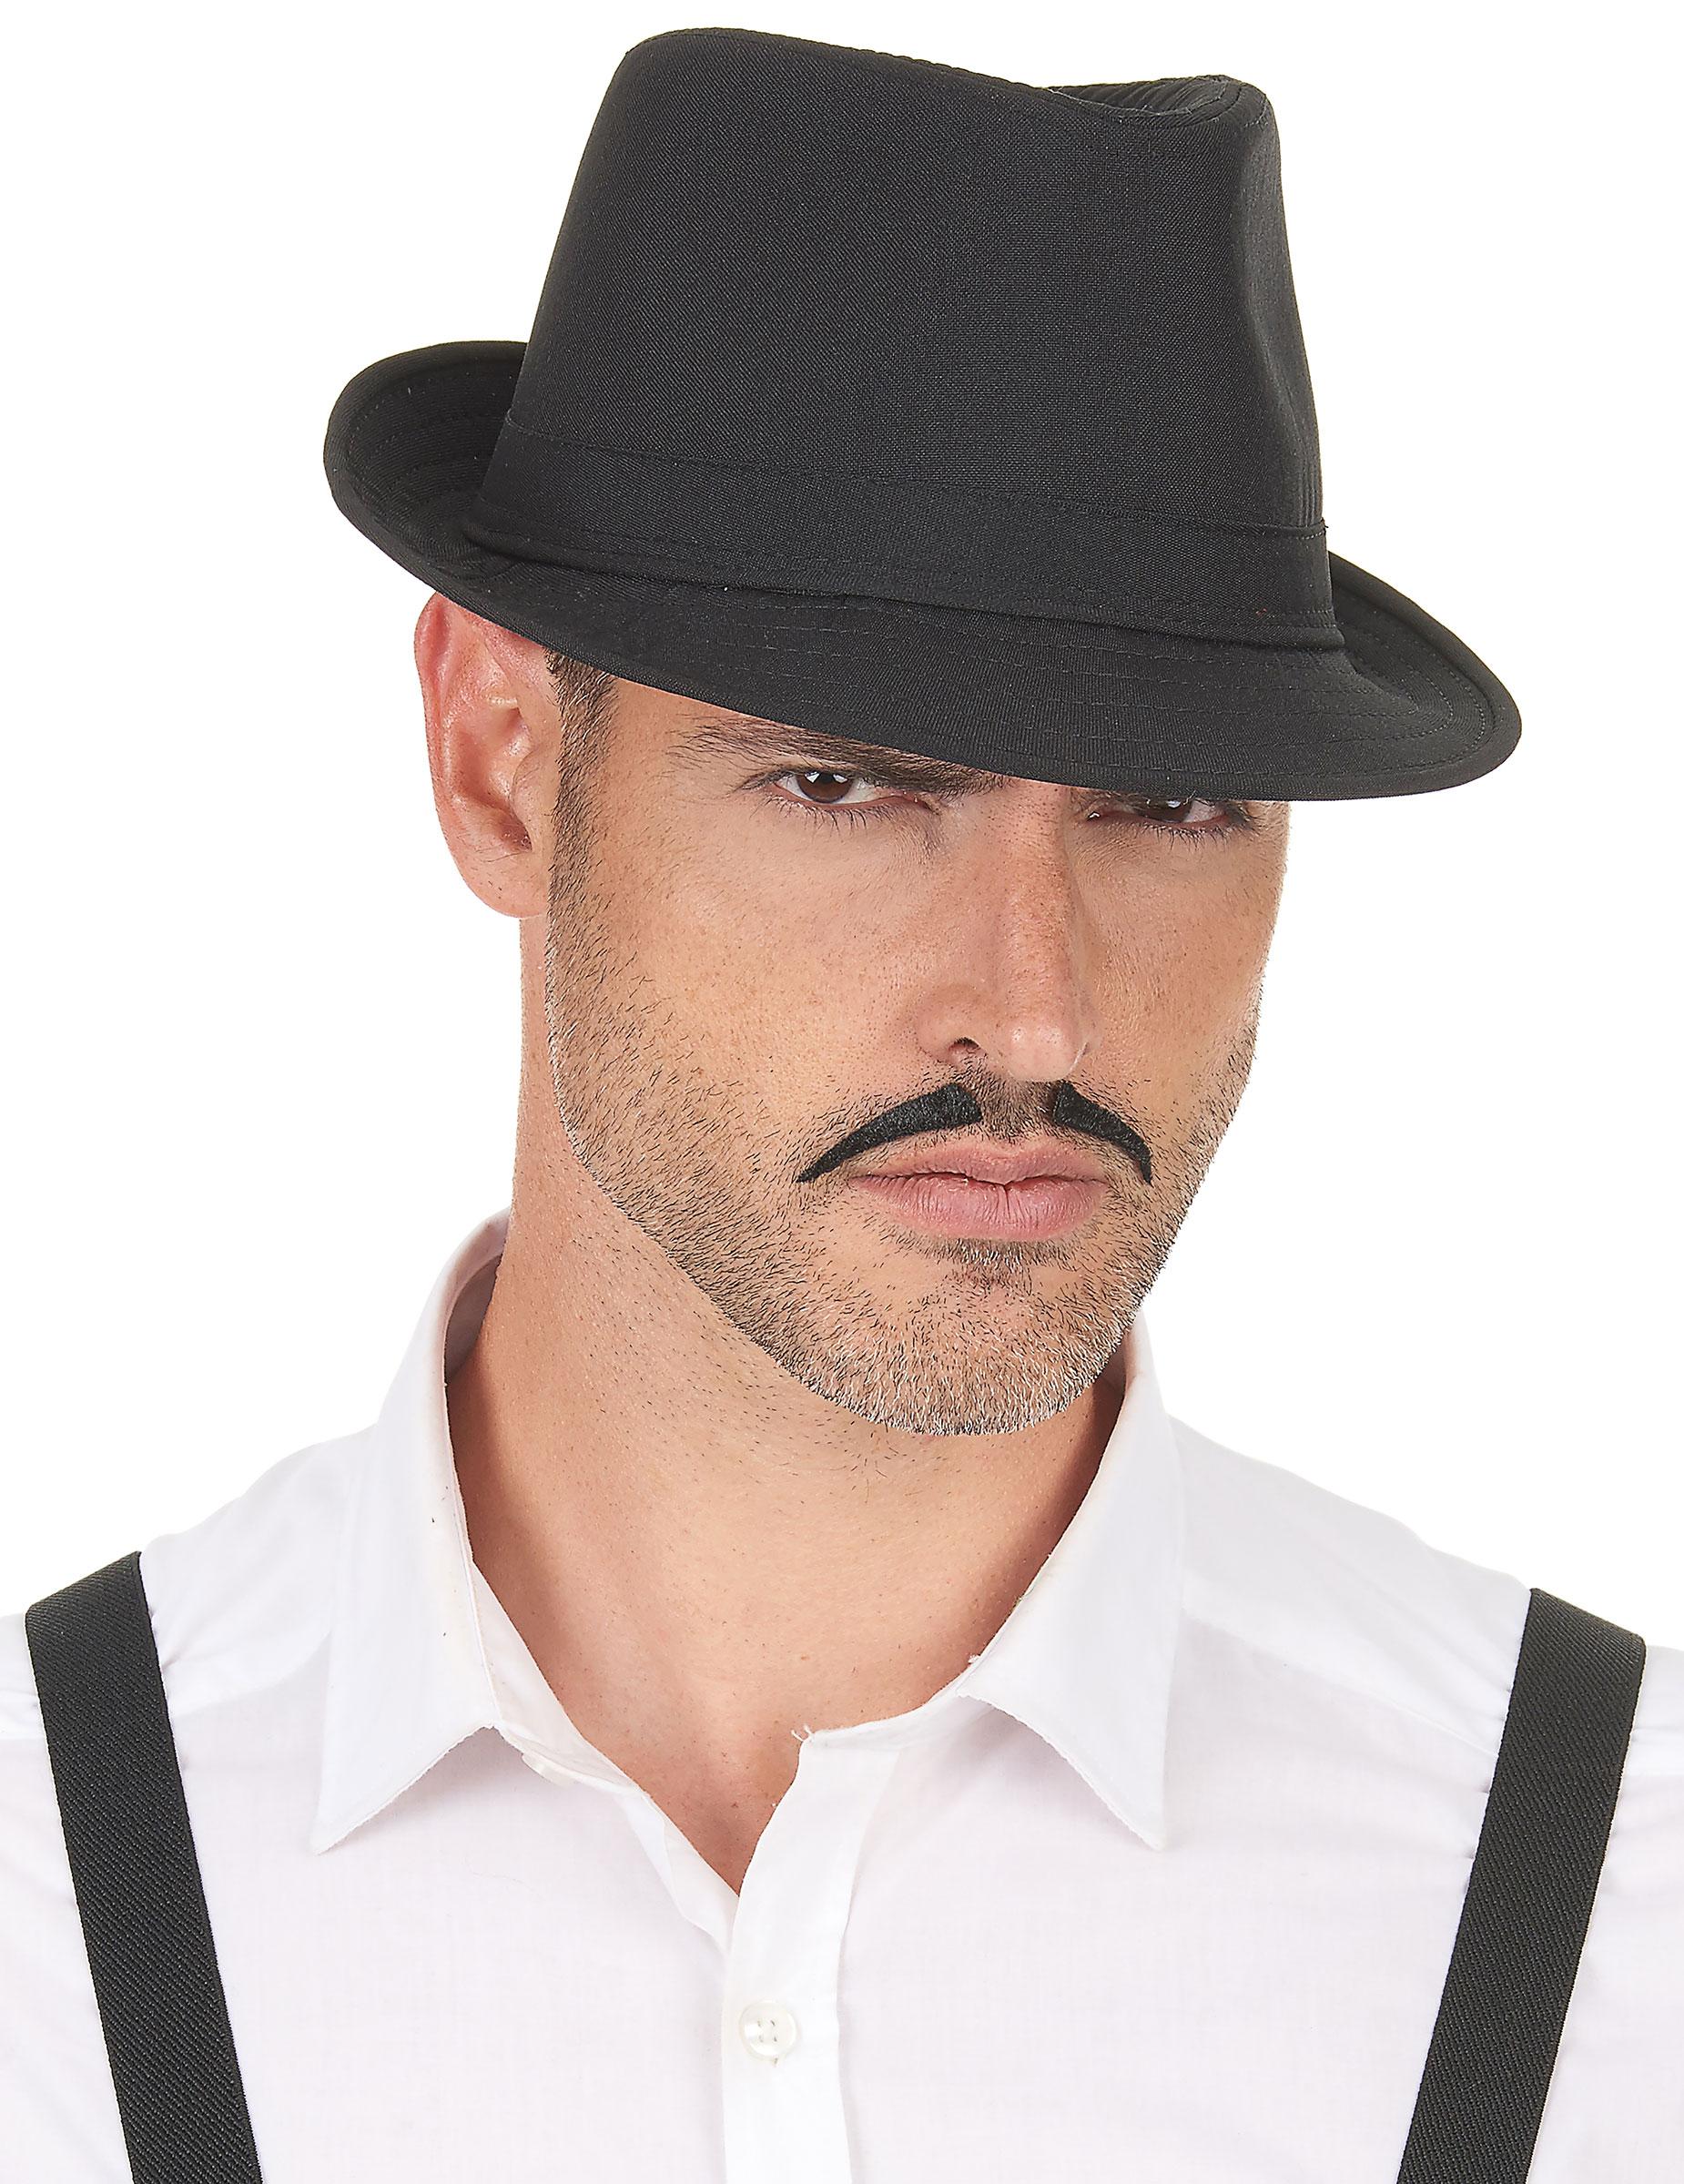 Cappello borsalino nero adulto  Cappelli a9265fdc6892